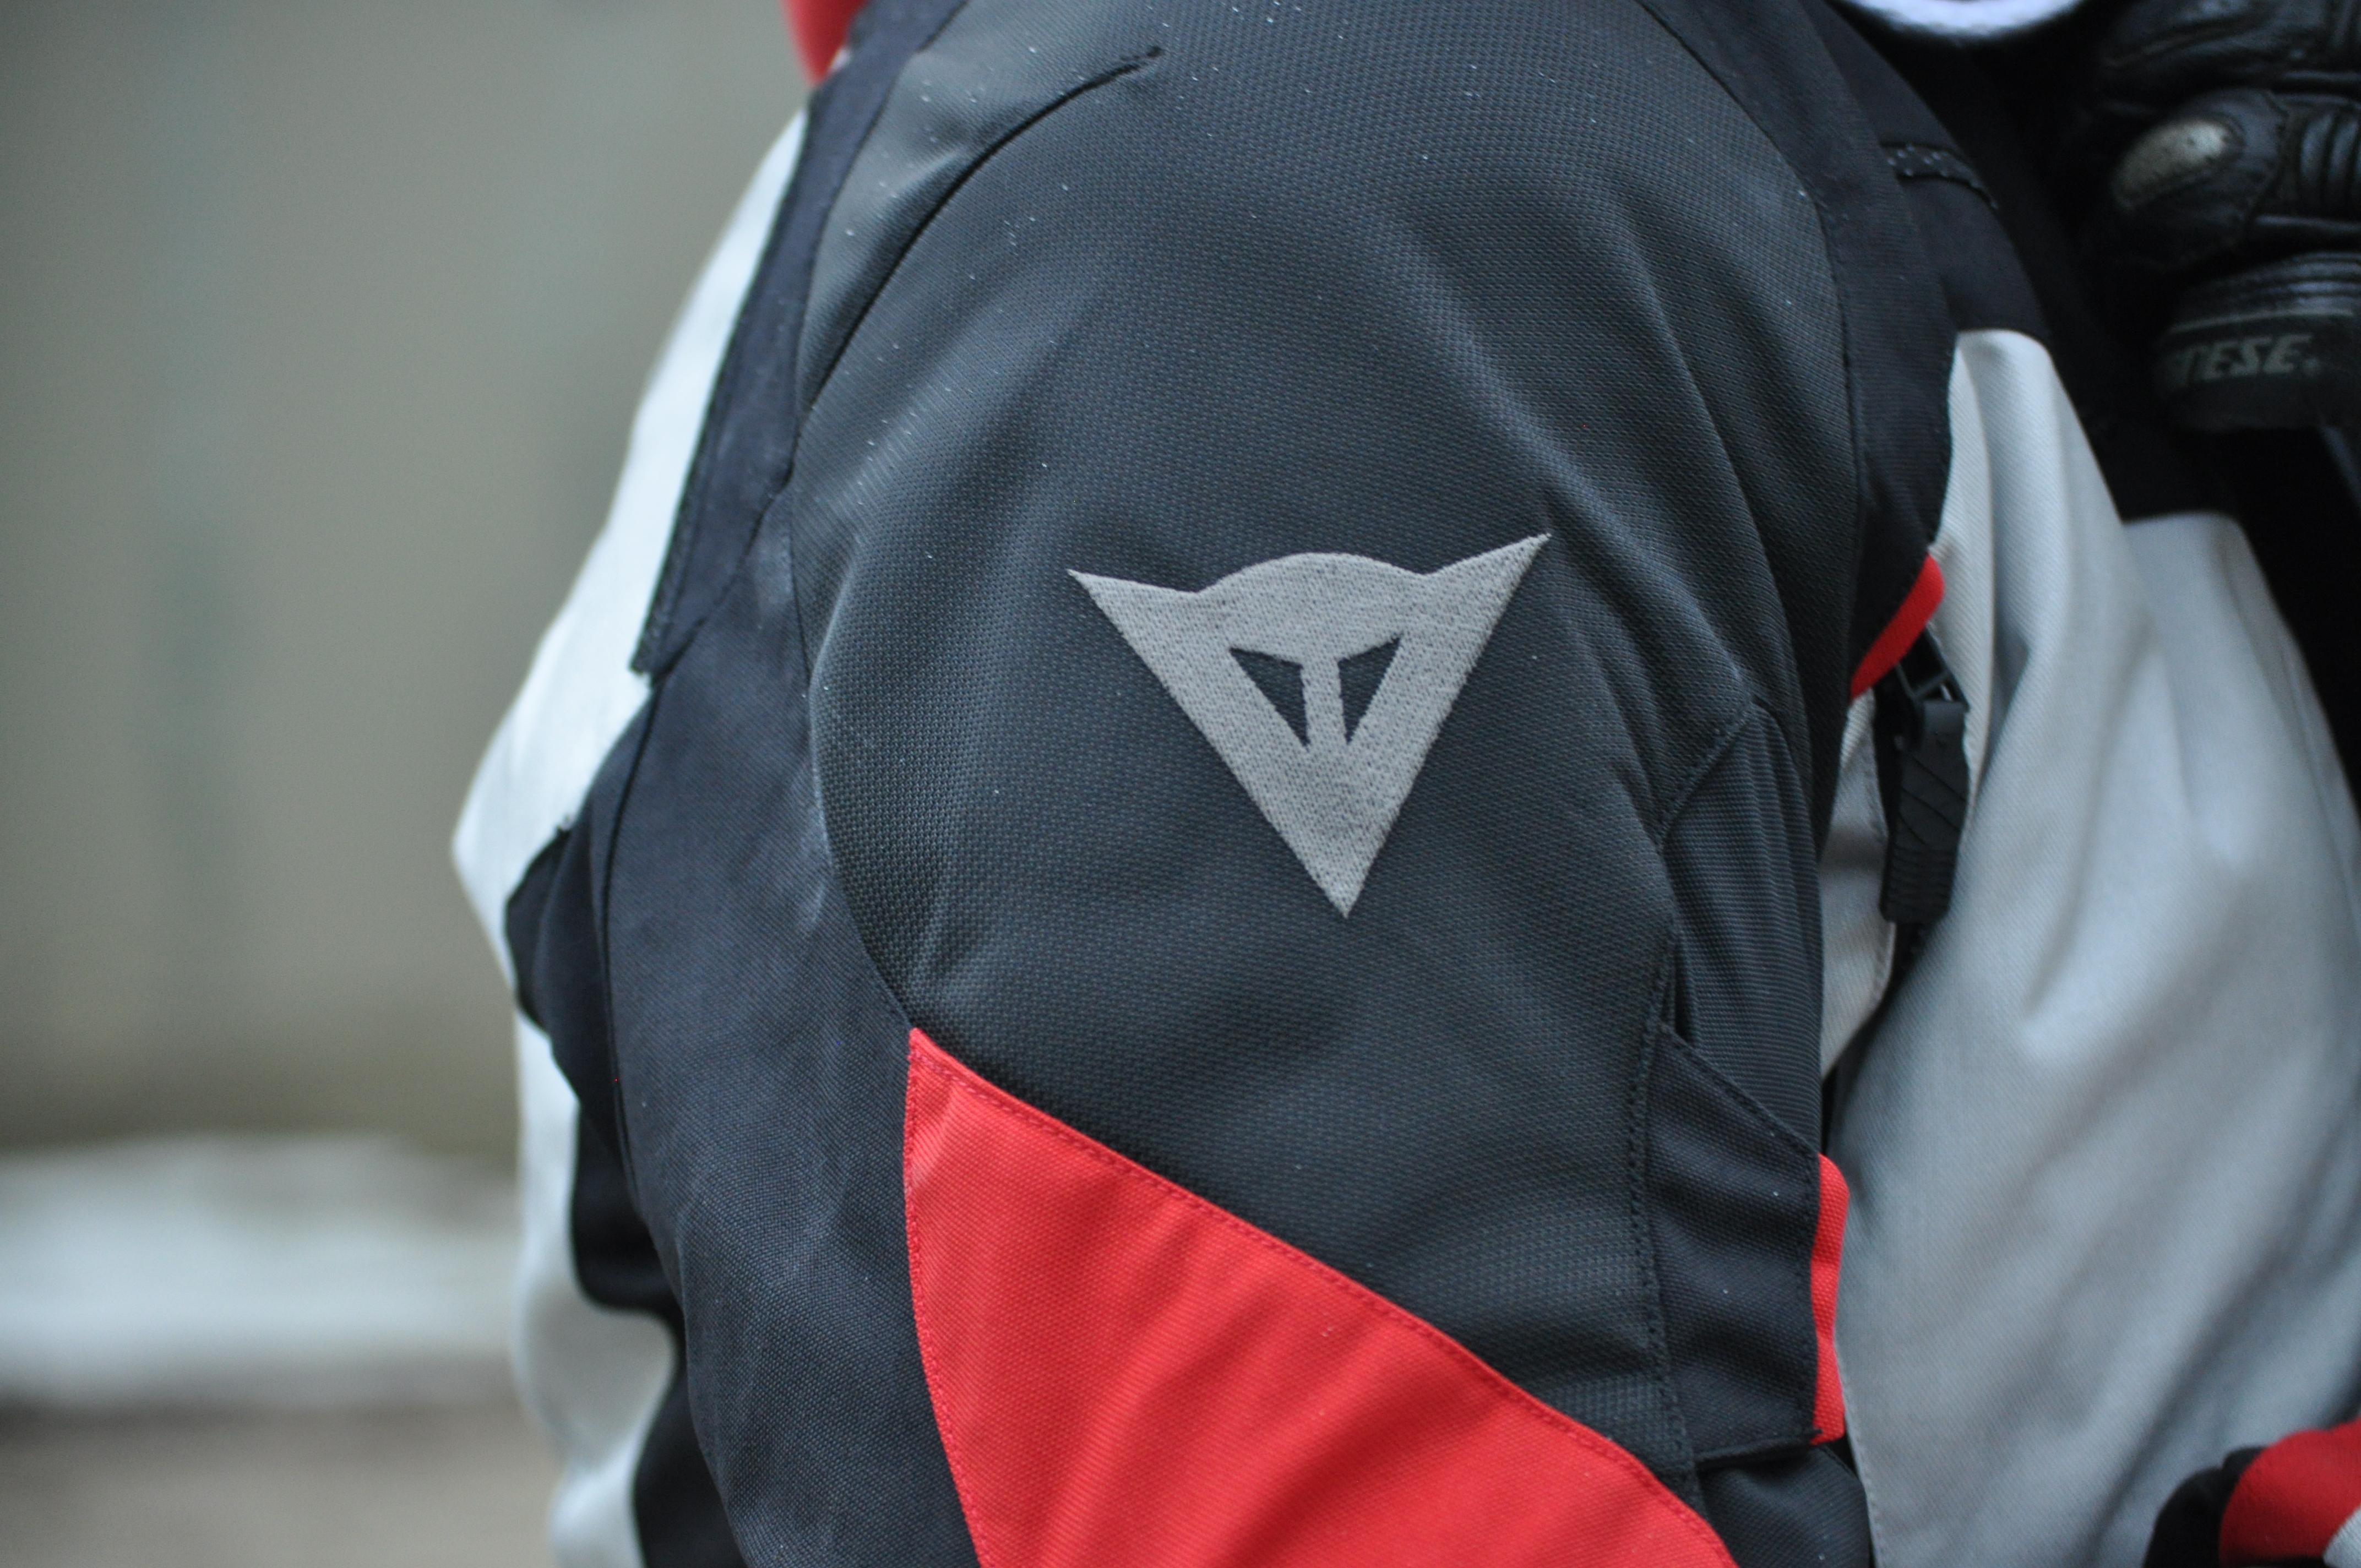 Logo Dainese sur la veste Dainese TEMPEST 2 D-DRY